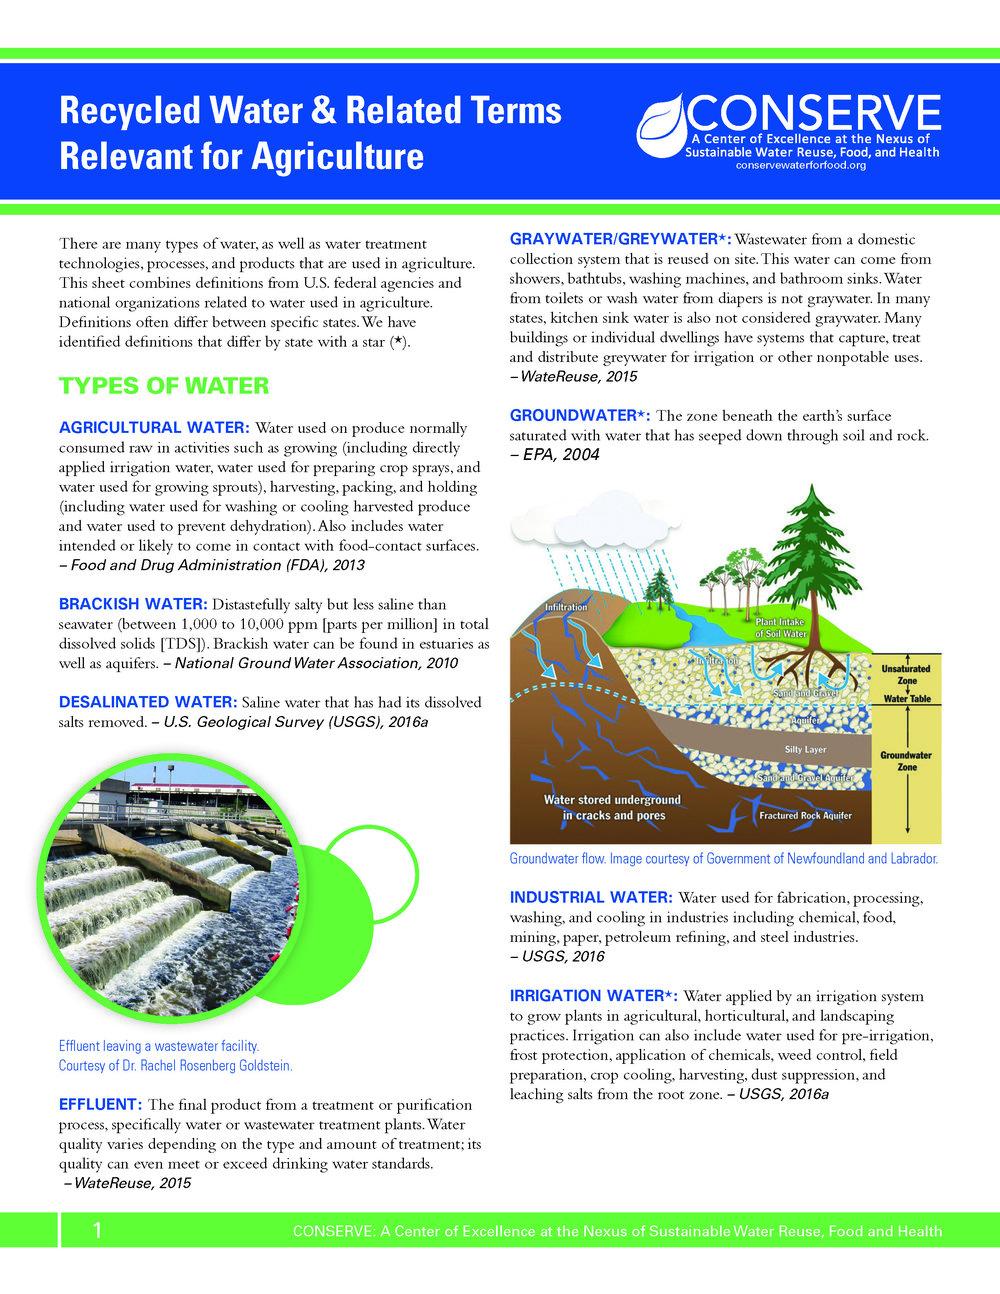 UMD_Conserve_Info Flyer_V6_Page_1.jpg